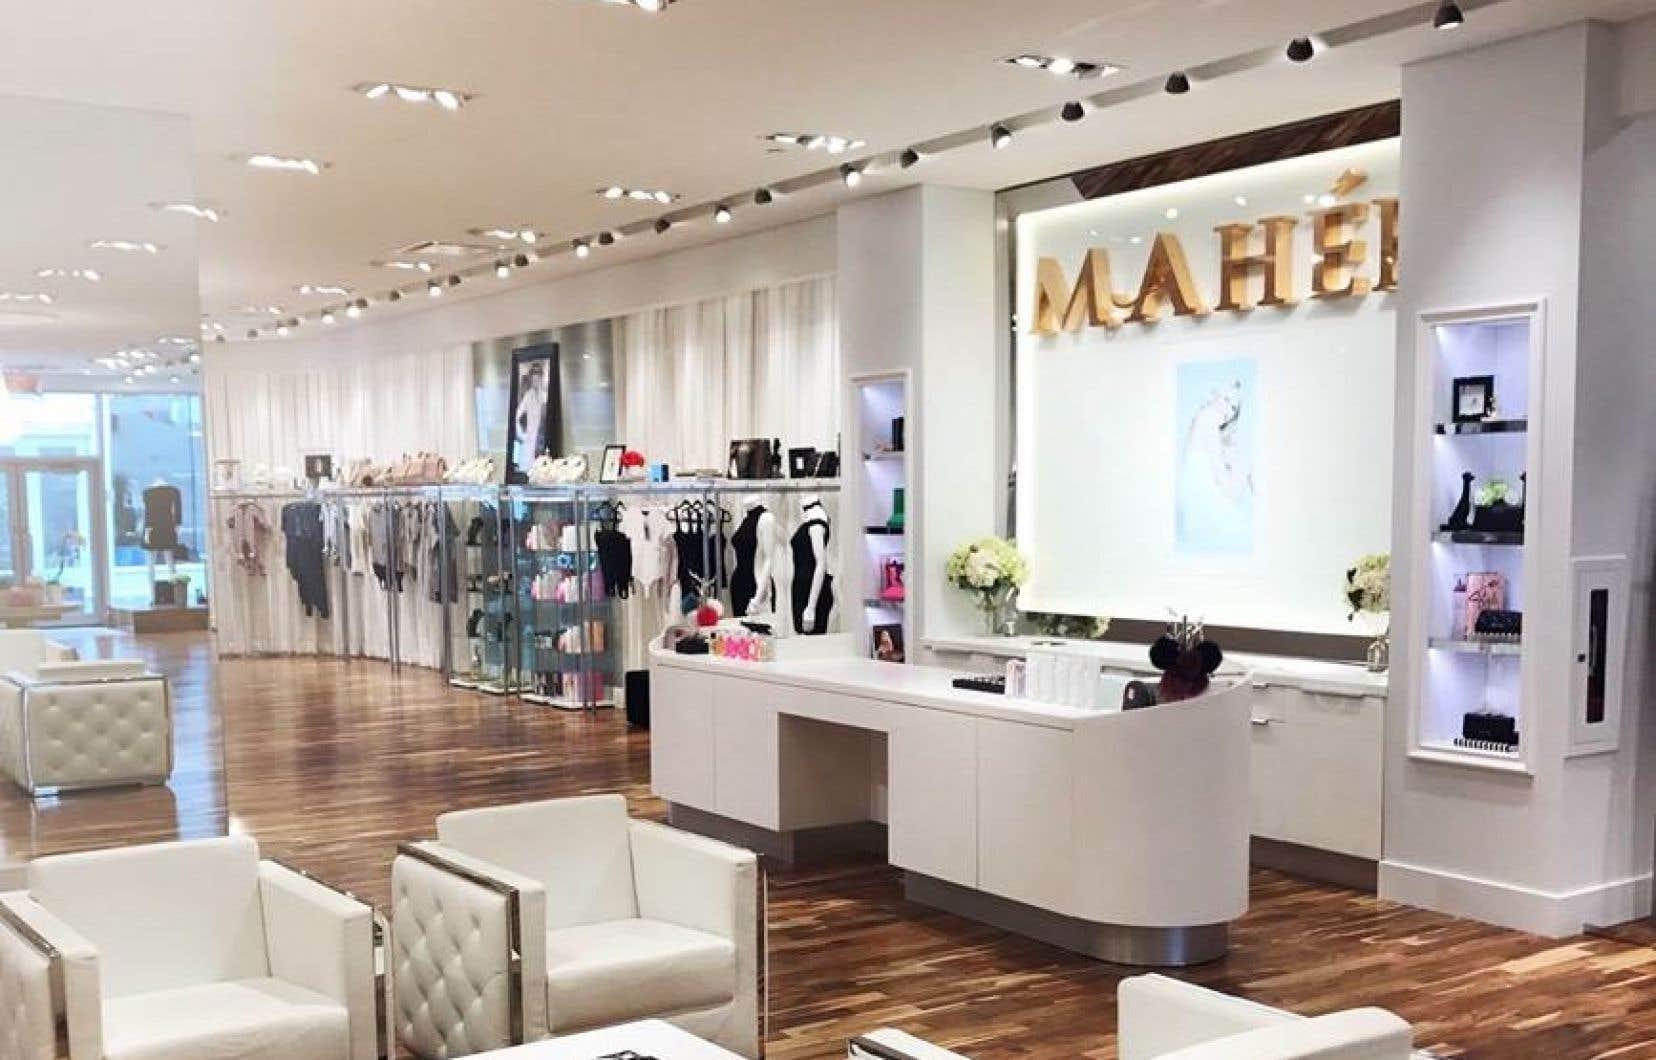 Selon la poursuite déposée par la Banque de développement du Canada, celle-ci a prêté 300000?$ à l'entreprise Mahée Parfums, sans recevoir aucun remboursement depuis plusieurs mois.